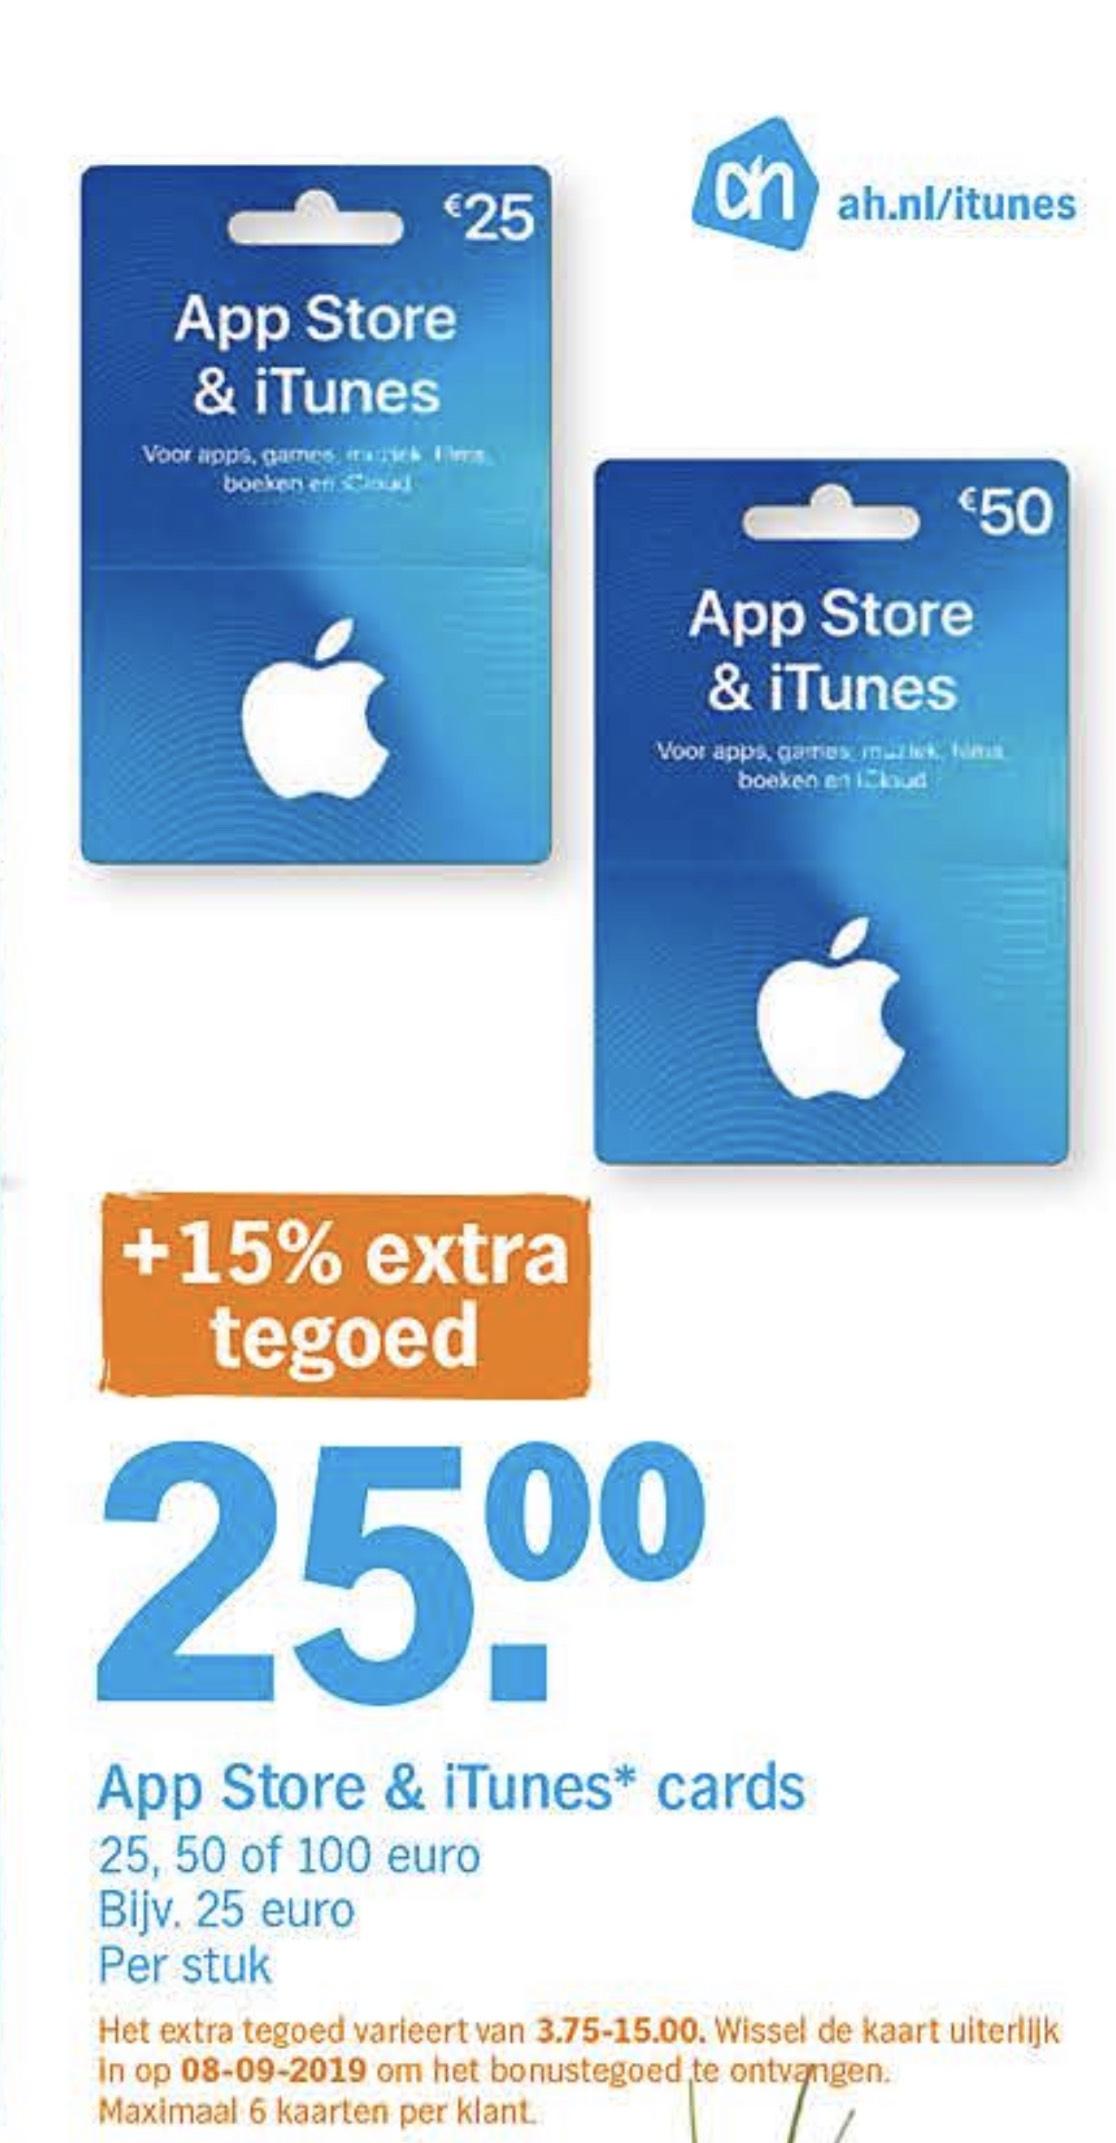 Albert Heijn 15% extra (bonus) tegoed App Store & iTunes kaarten